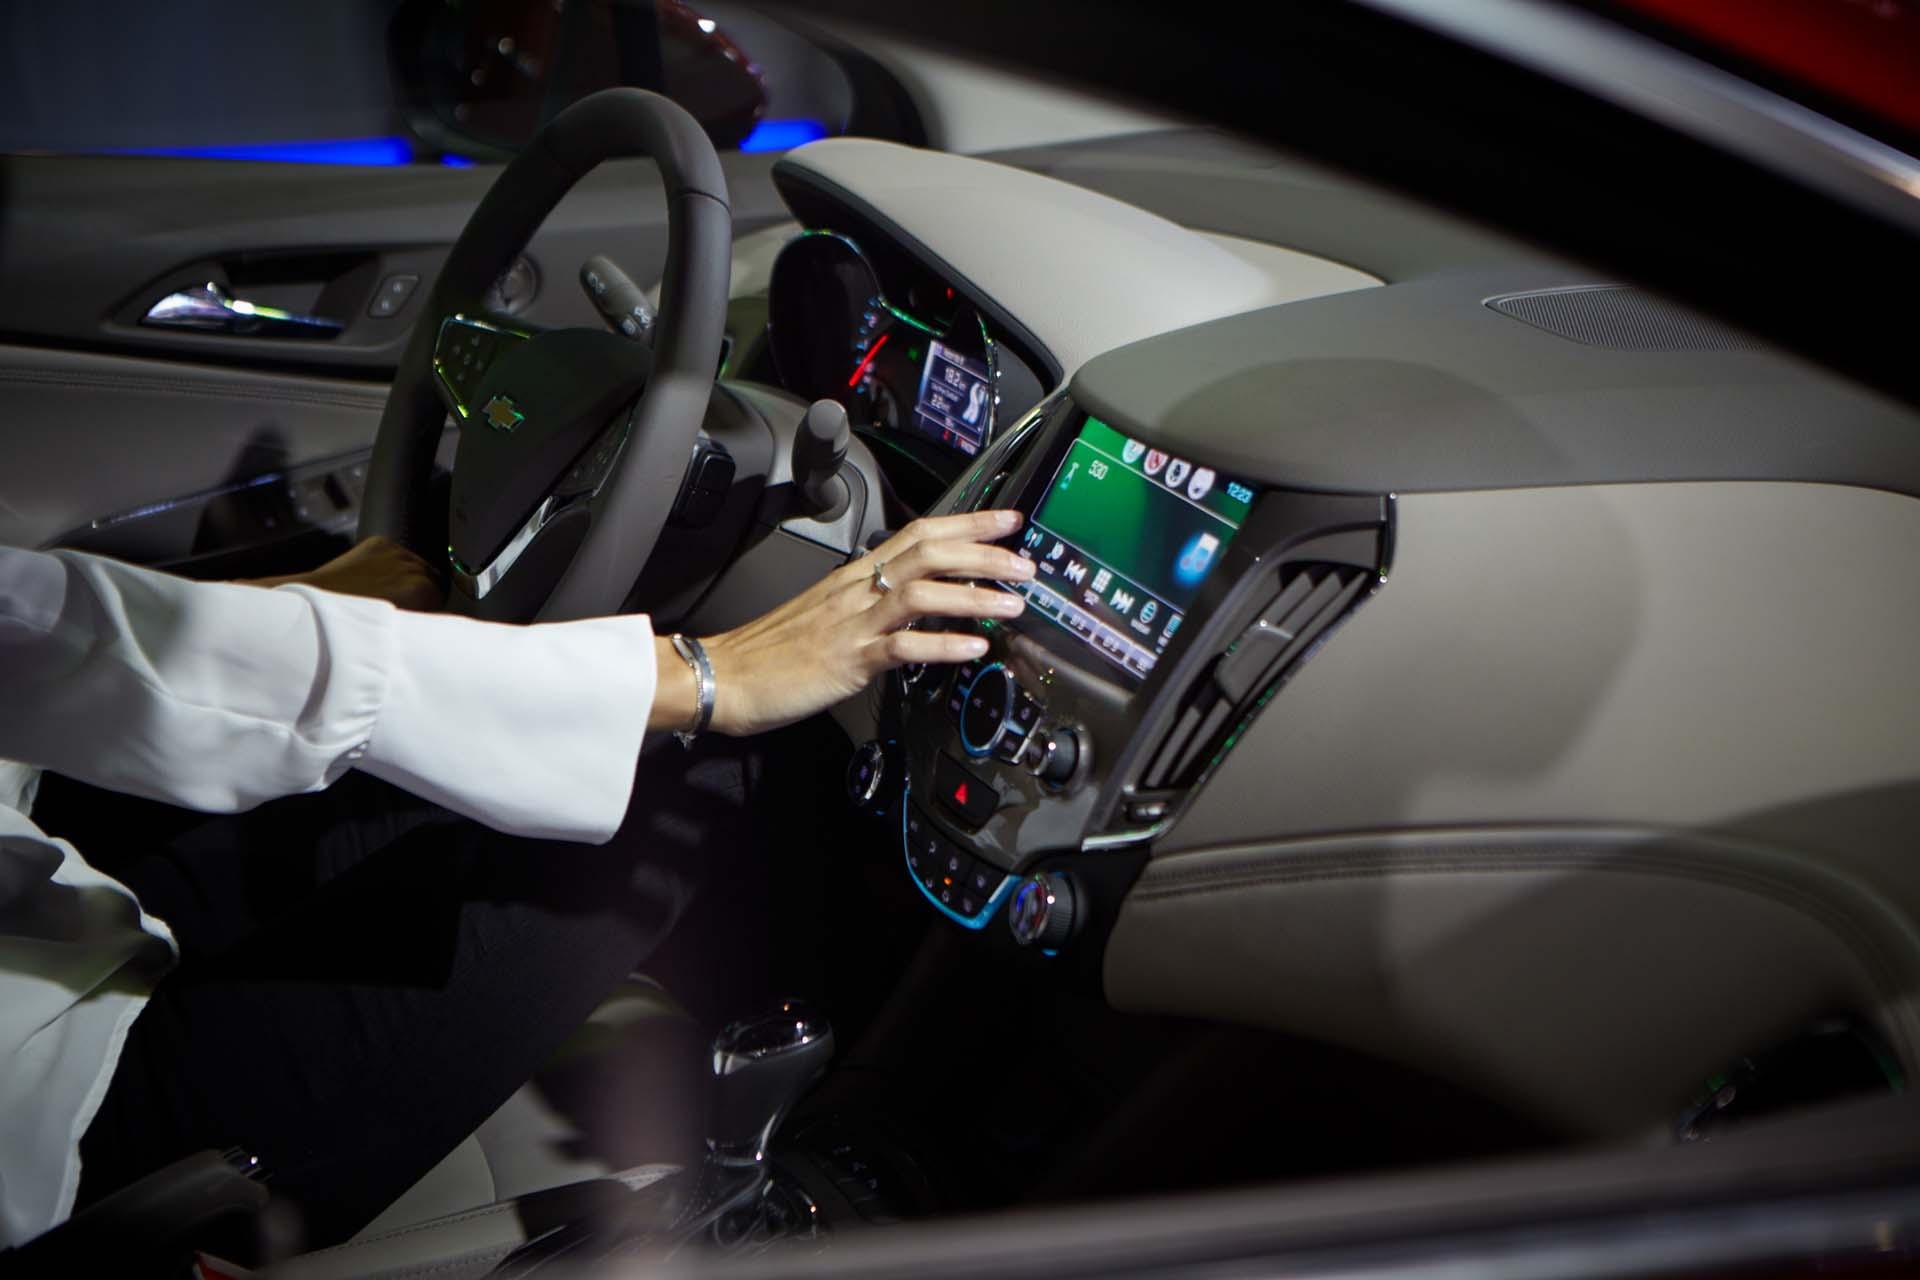 El nuevo Chevrolet Camaro SS posee Parlantes Bose y sistema multimedia (GM)